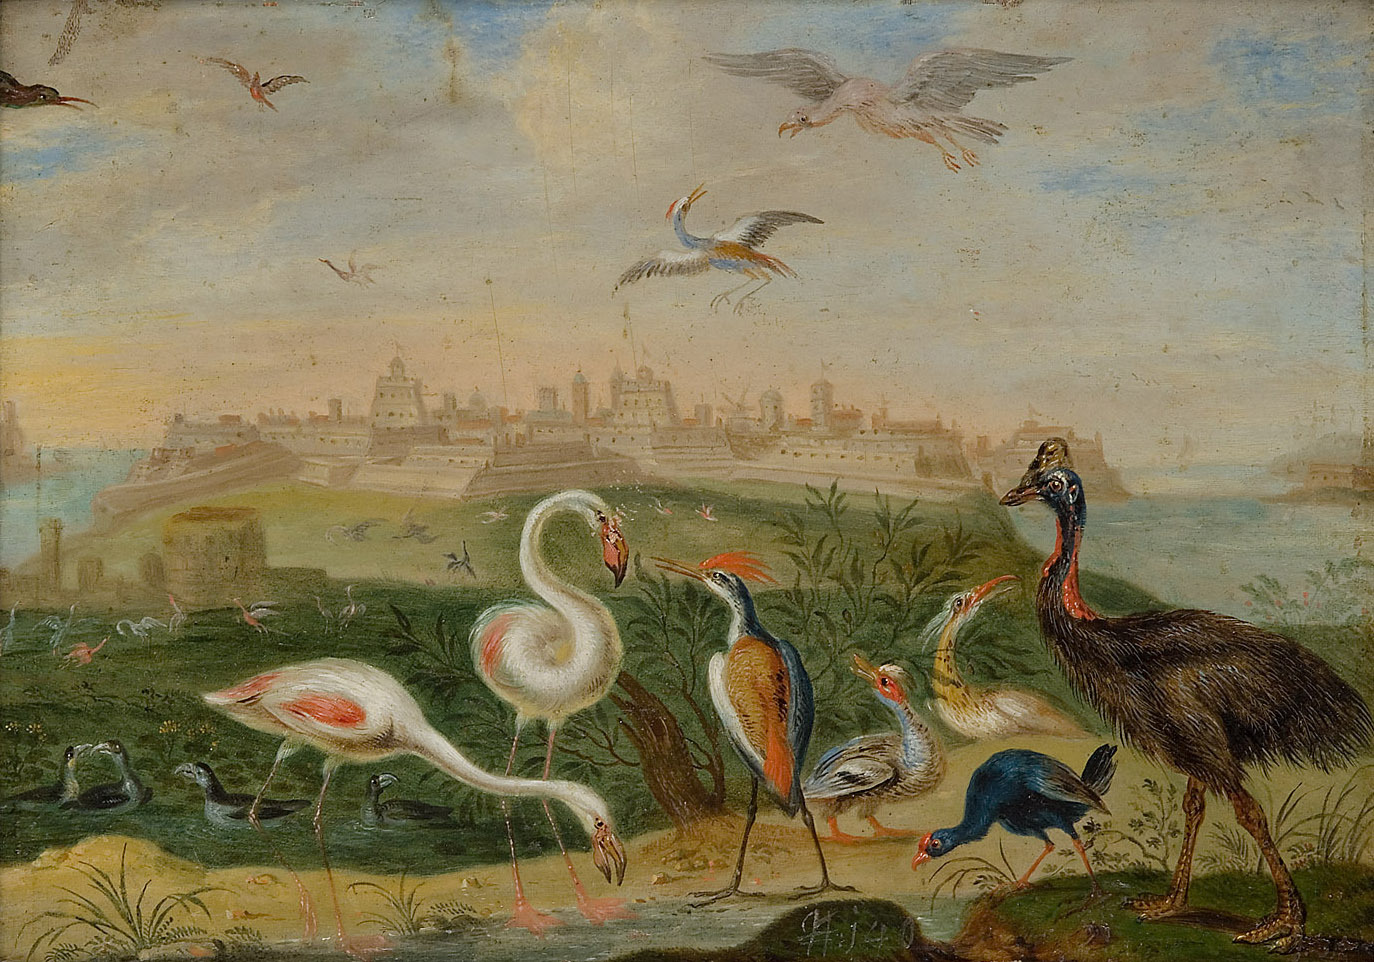 Ansichten aus den vier Weltteilen mit Szenen von Tieren: Malta von Ferdinand van Kessel